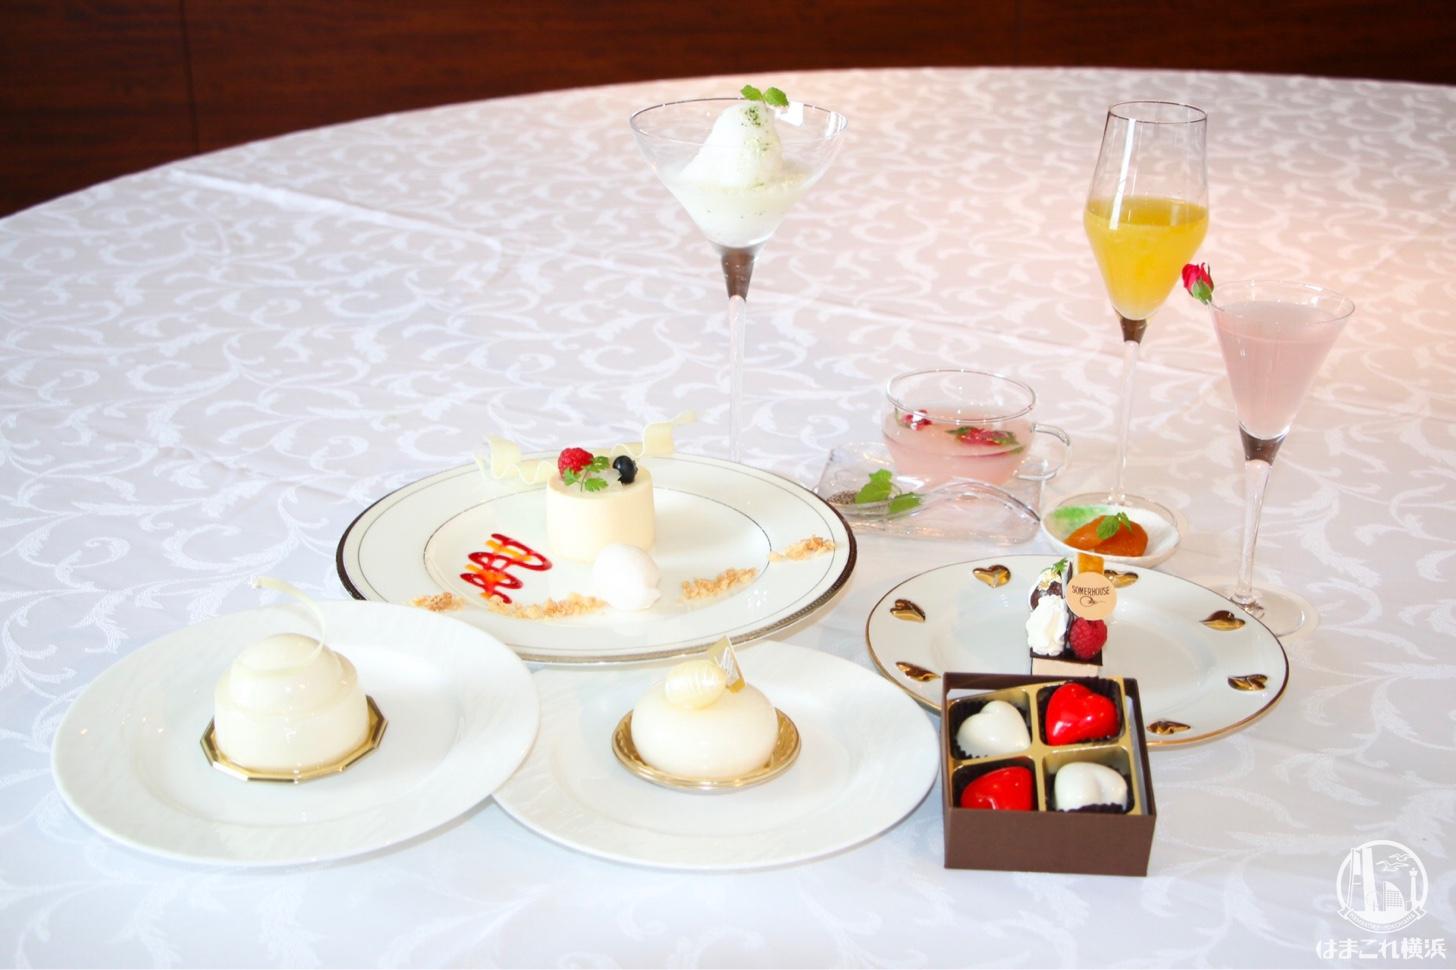 絹を使ったシルクスイーツ、横浜の8ホテルで提供!絹フェスも同時開催